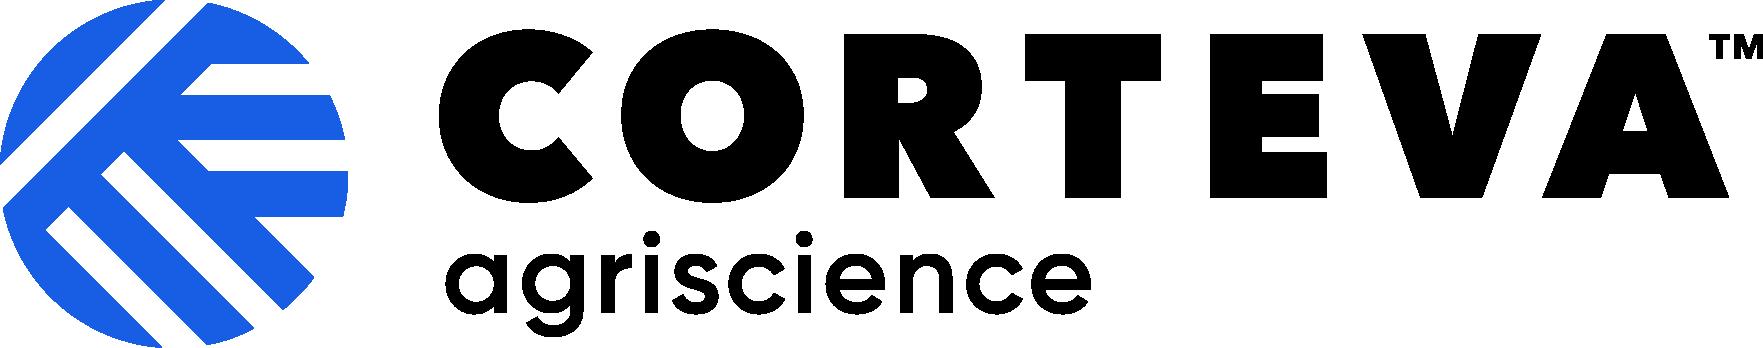 logo-corteva